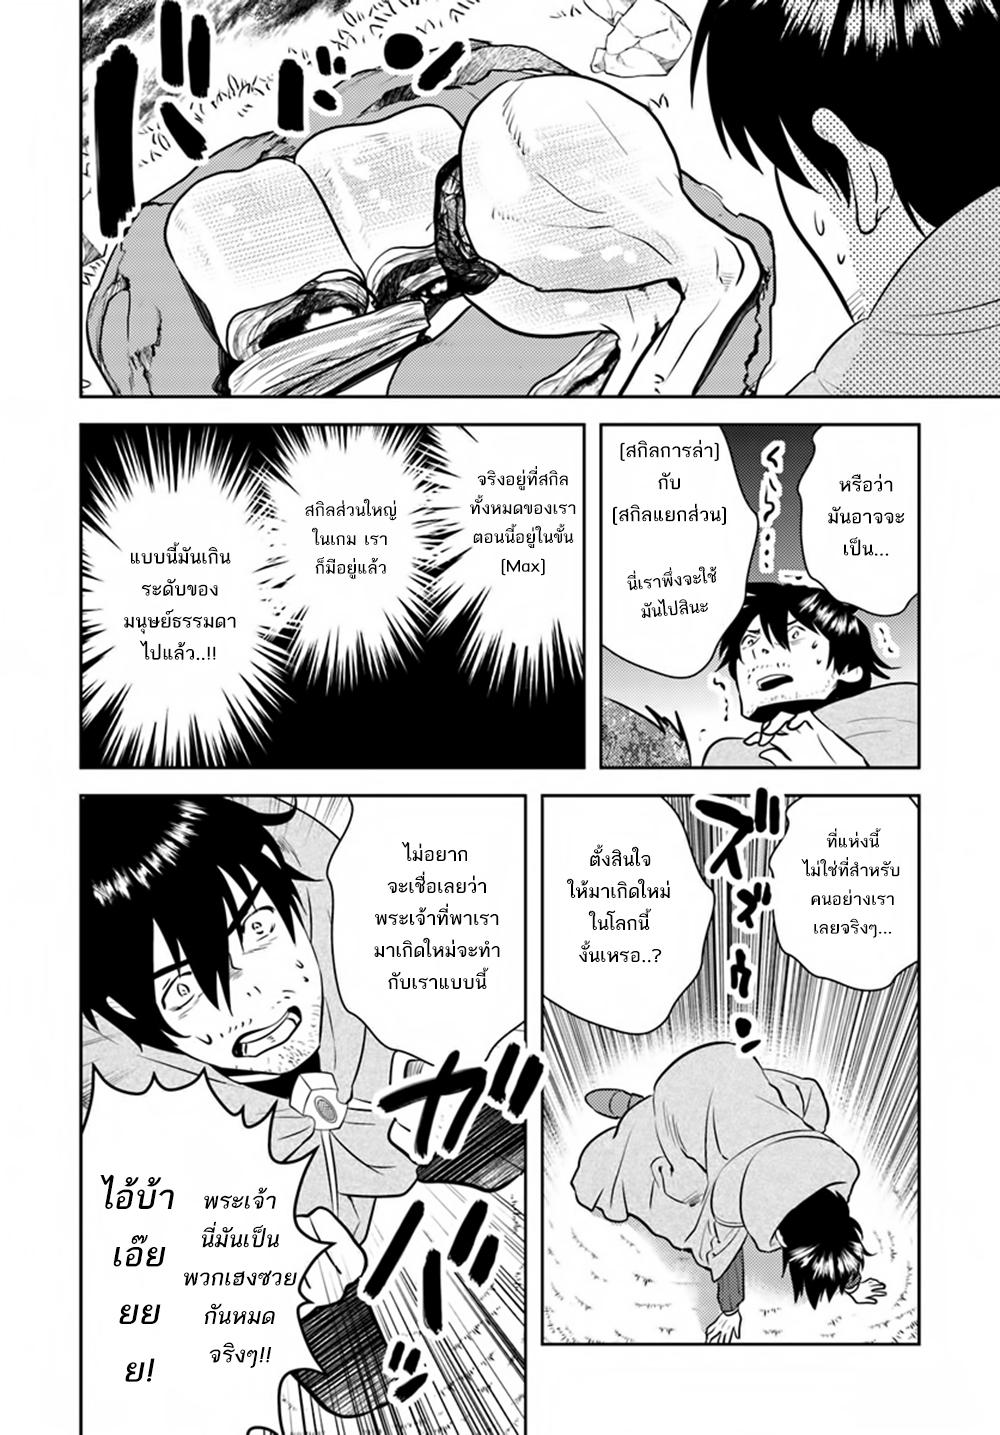 อ่านการ์ตูน Arafoo Kenja no Isekai Seikatsu Nikki ตอนที่ 2 หน้าที่ 7